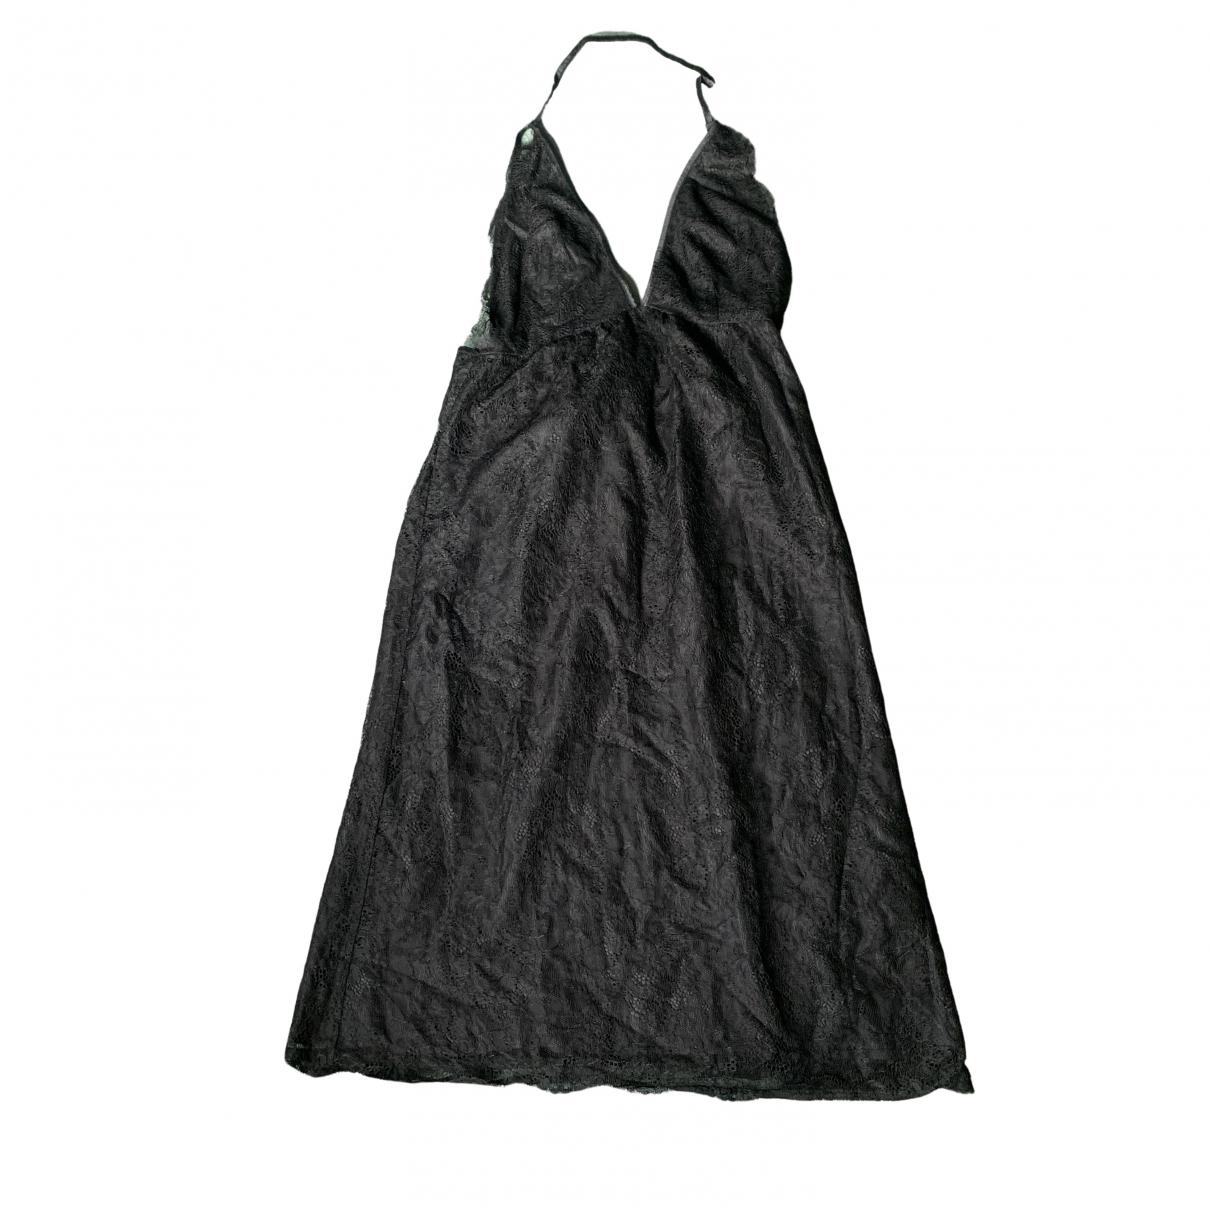 Ann-sofie Back \N Kleid in  Schwarz Polyester